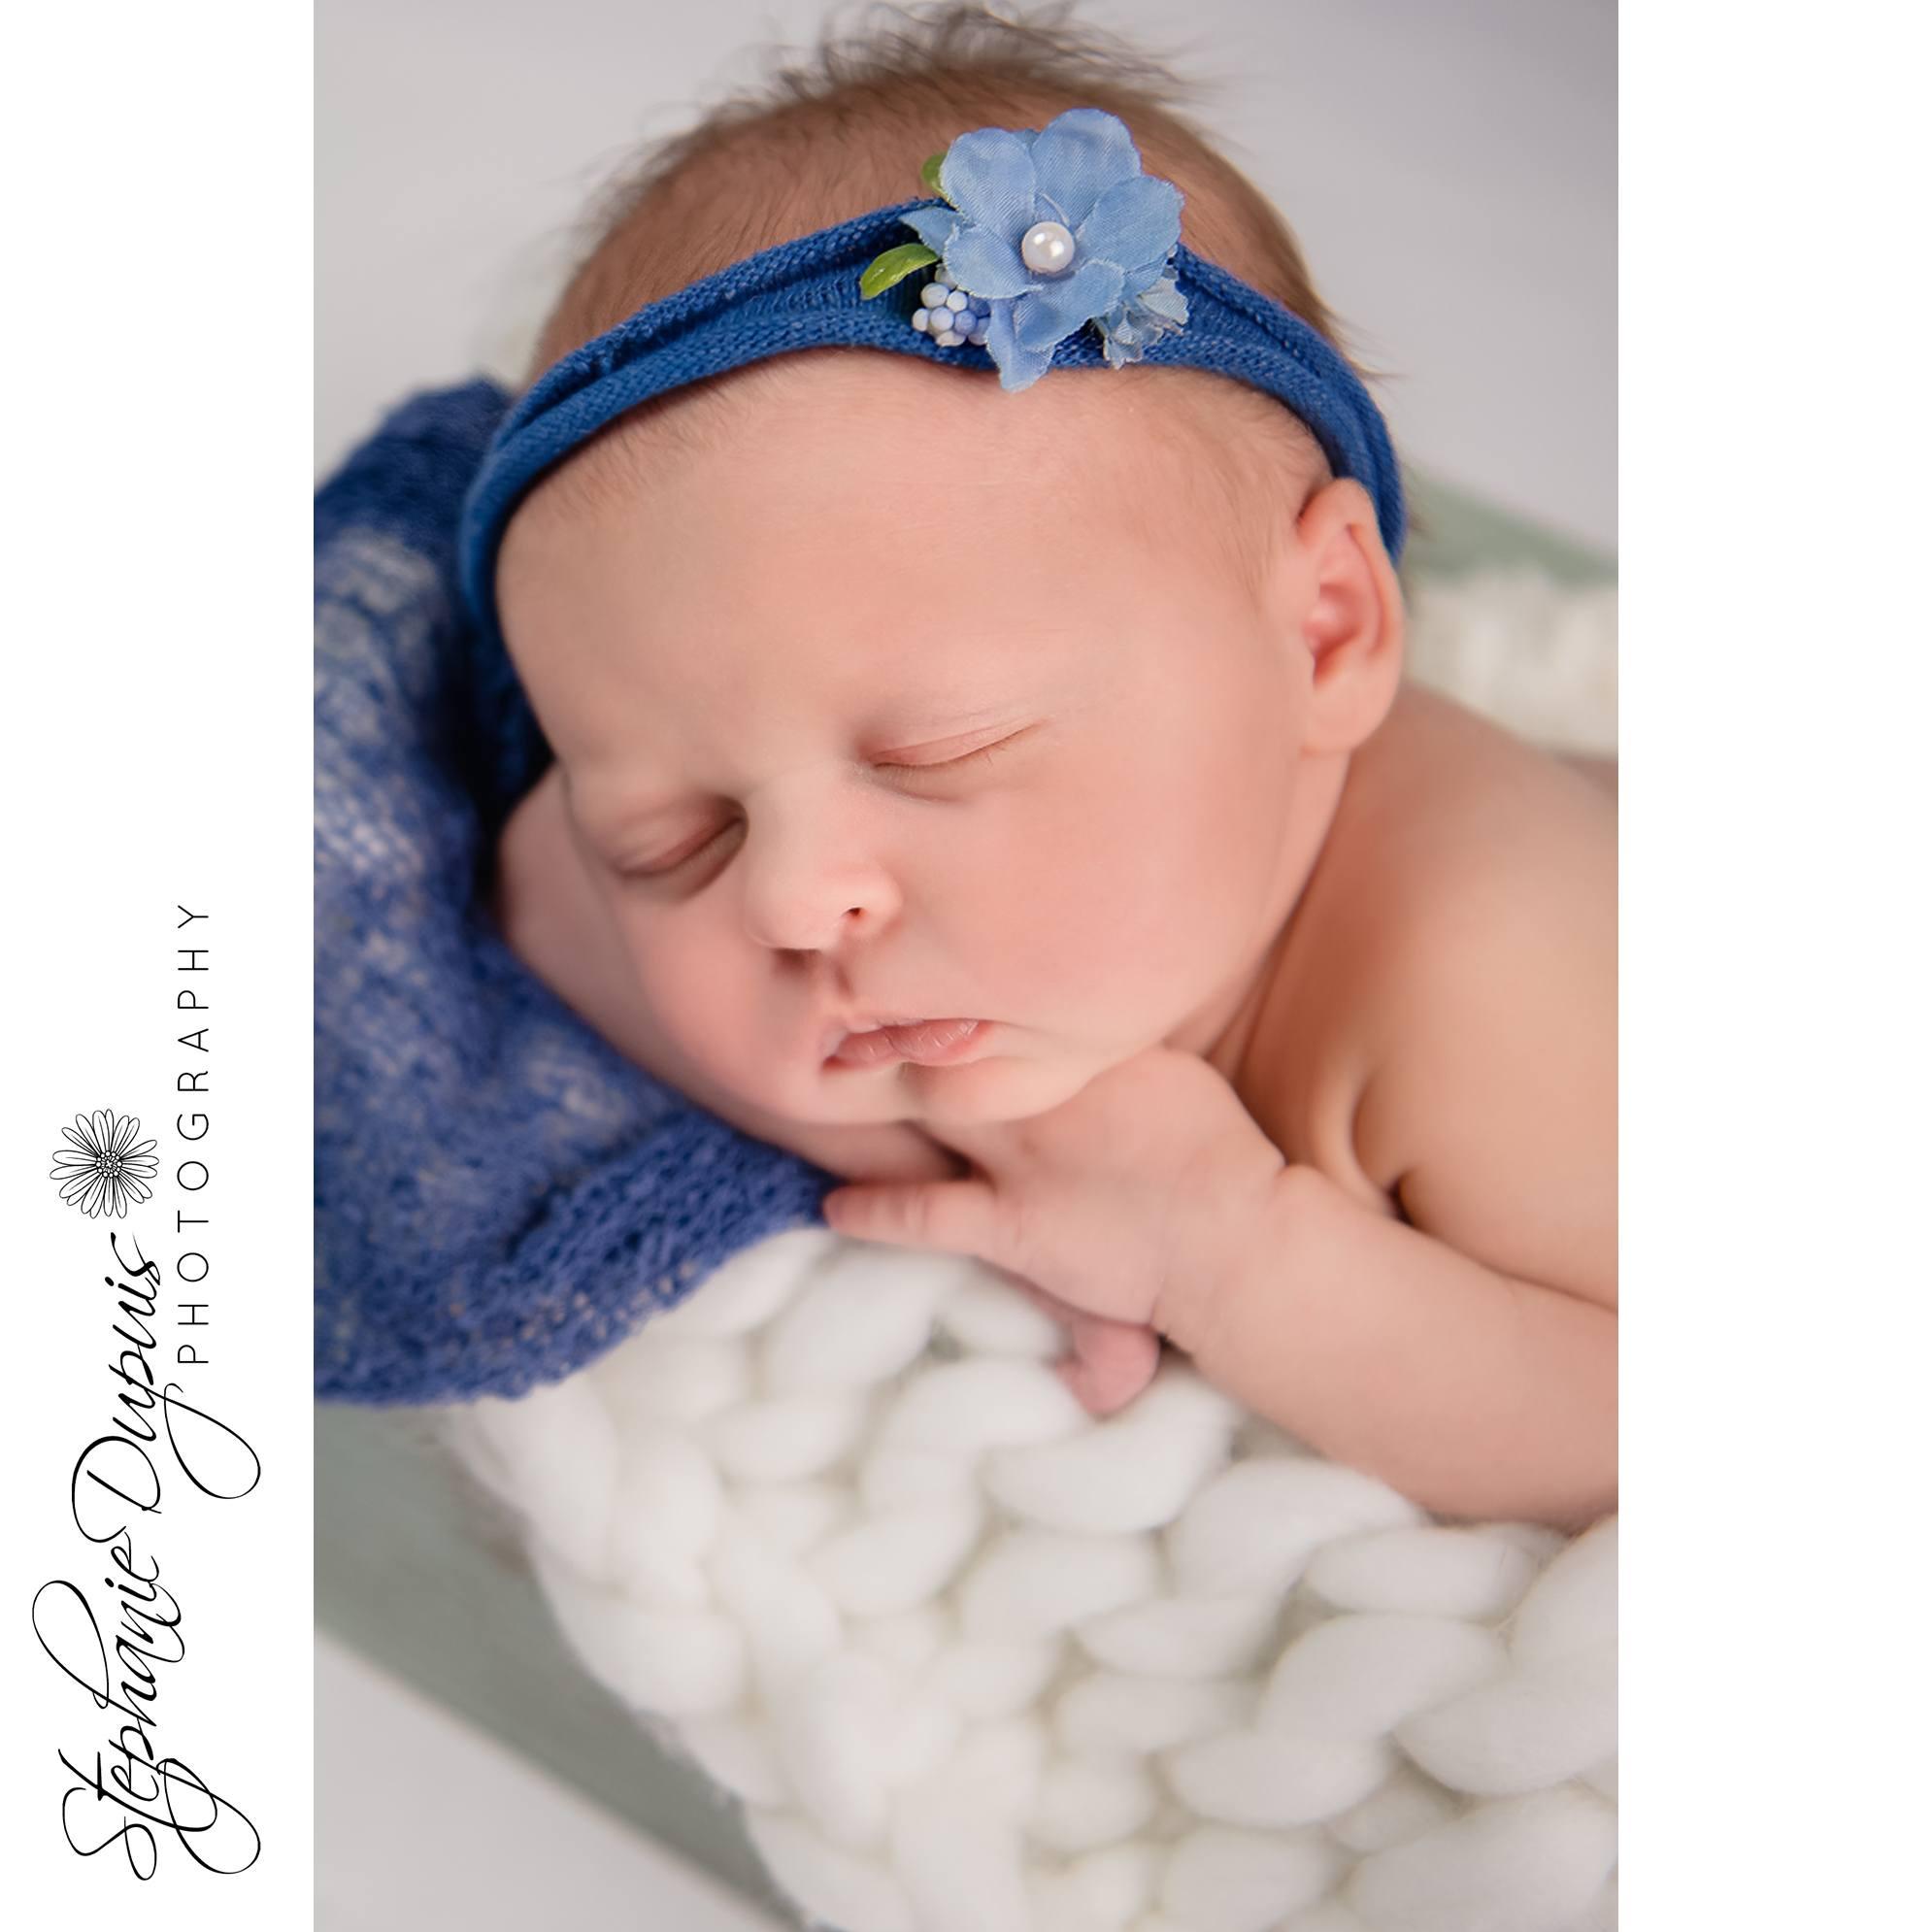 McMann 5 - Portfolio: Addilyn Newborn Session